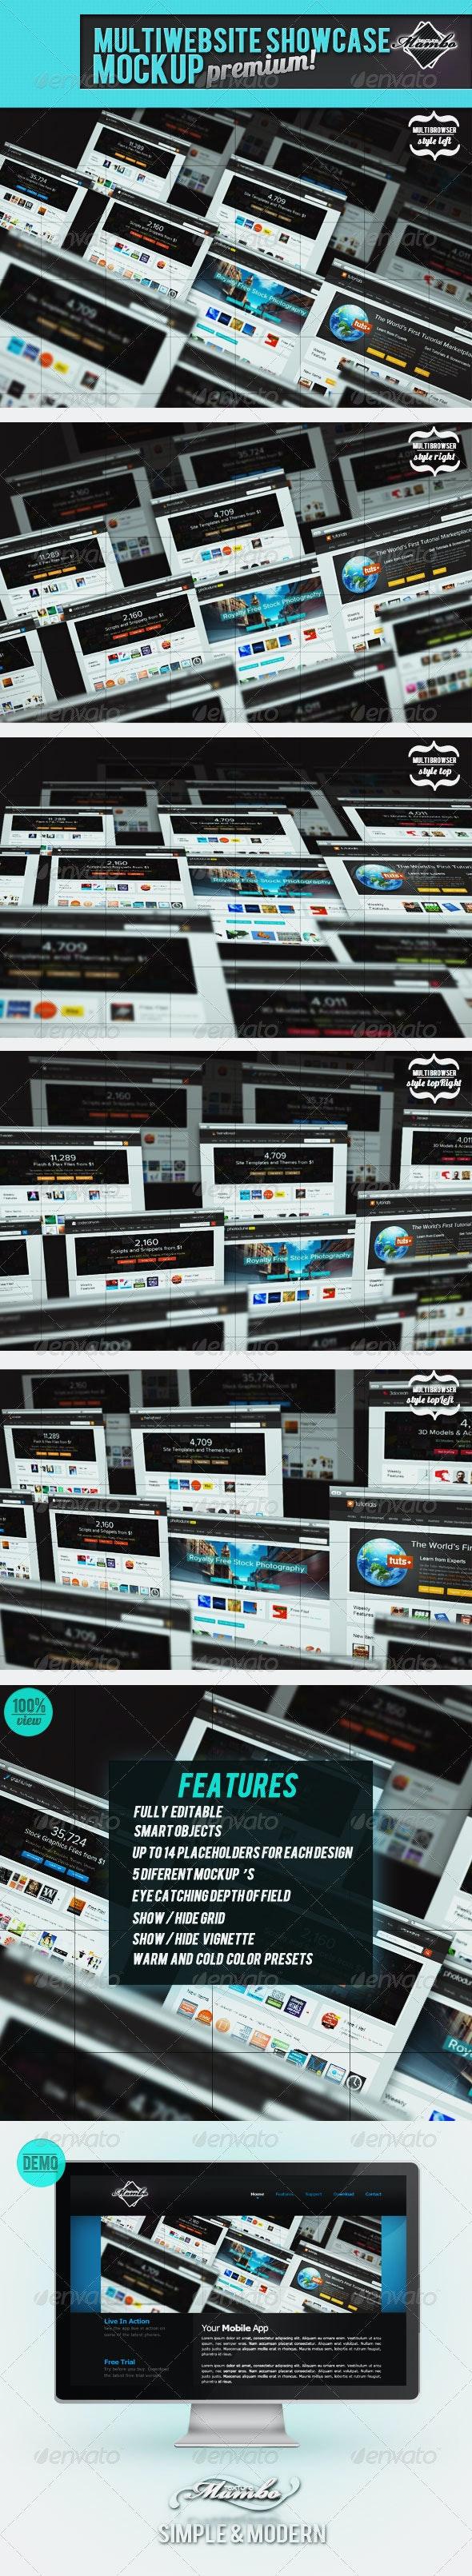 MultiWebsite Showcase MockUp - Website Displays